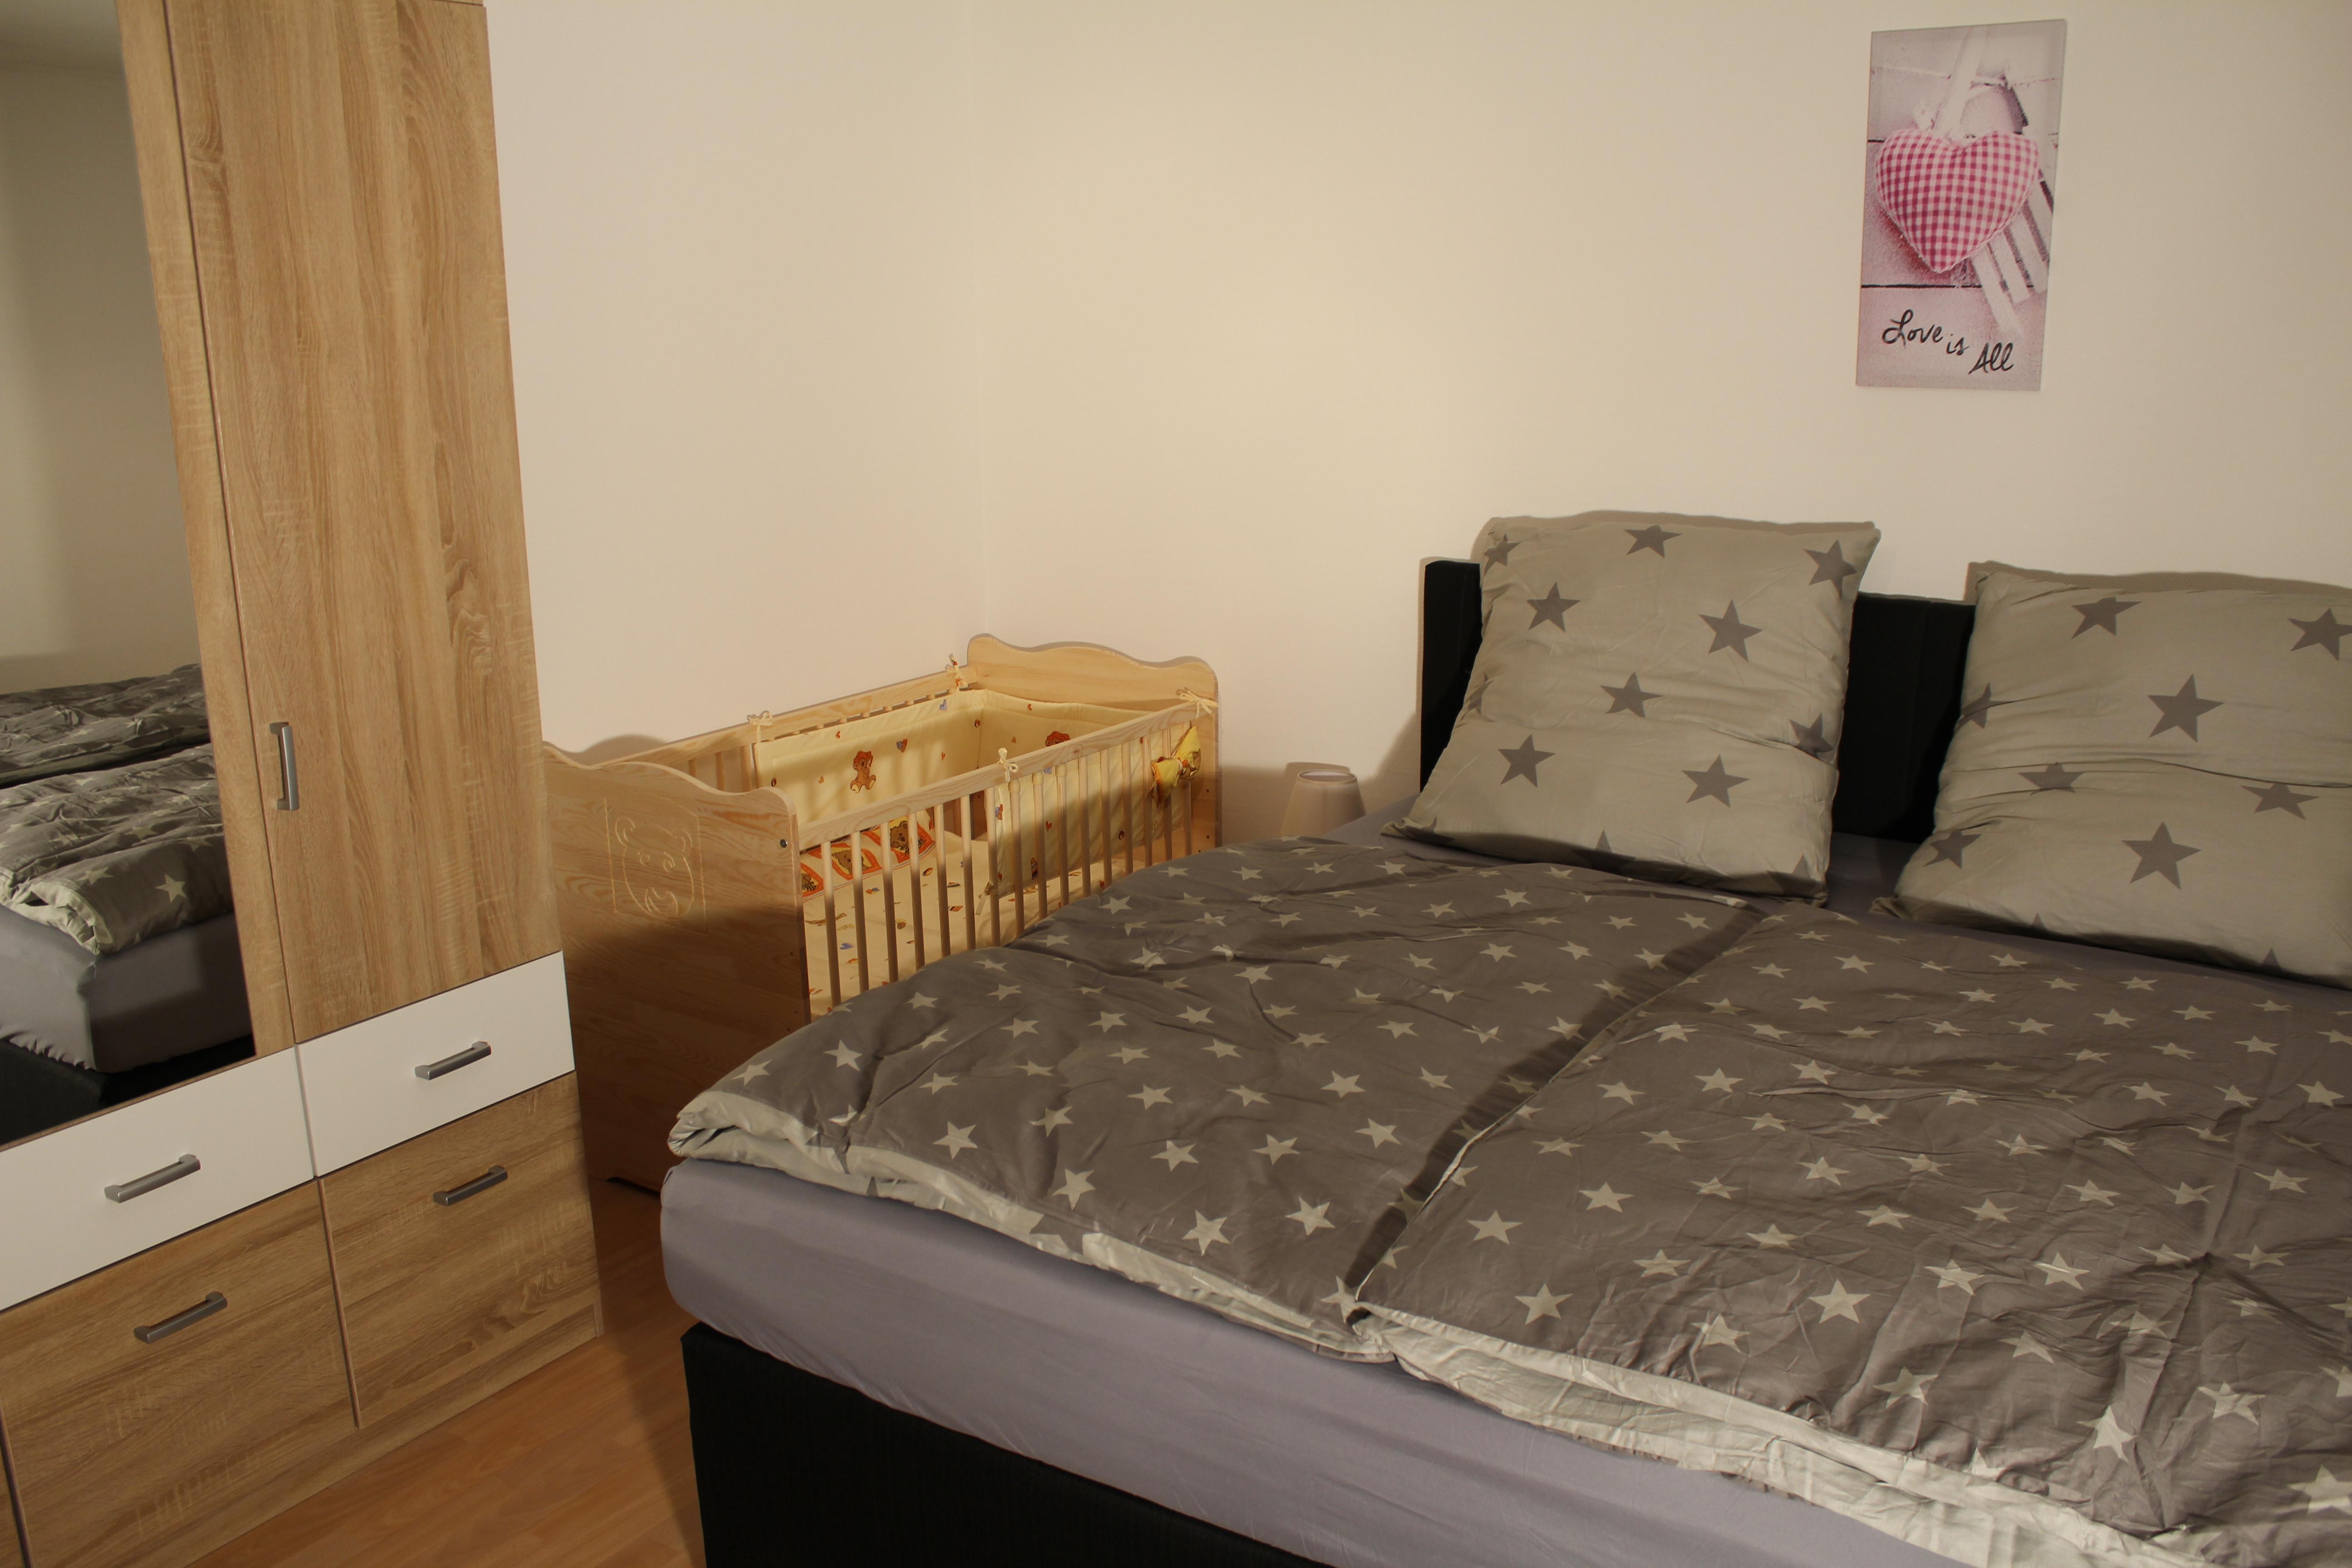 sternenhimmel schlafzimmer schlafzimmer schr ge wand karierte bettw sche landhausstil. Black Bedroom Furniture Sets. Home Design Ideas